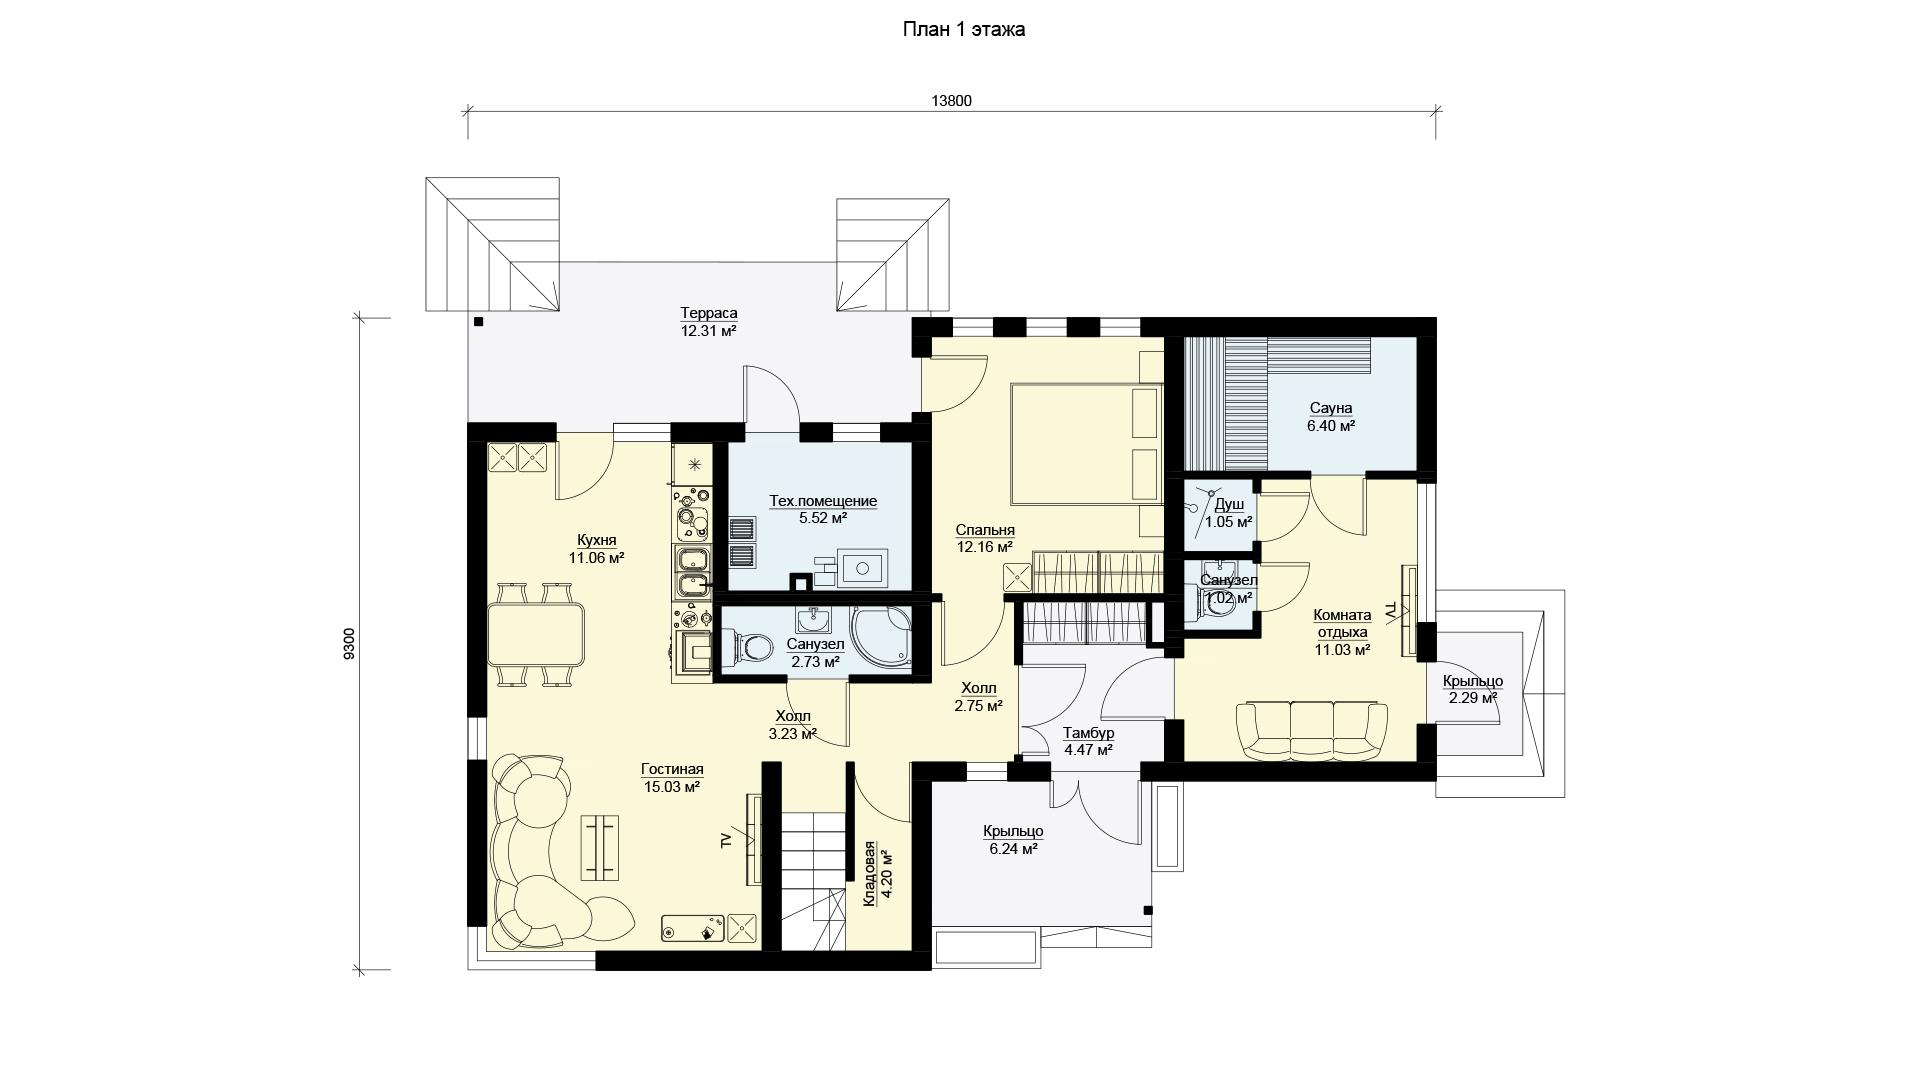 План первого этажа двухэтажного дома БЭНПАН, проект МС-224.